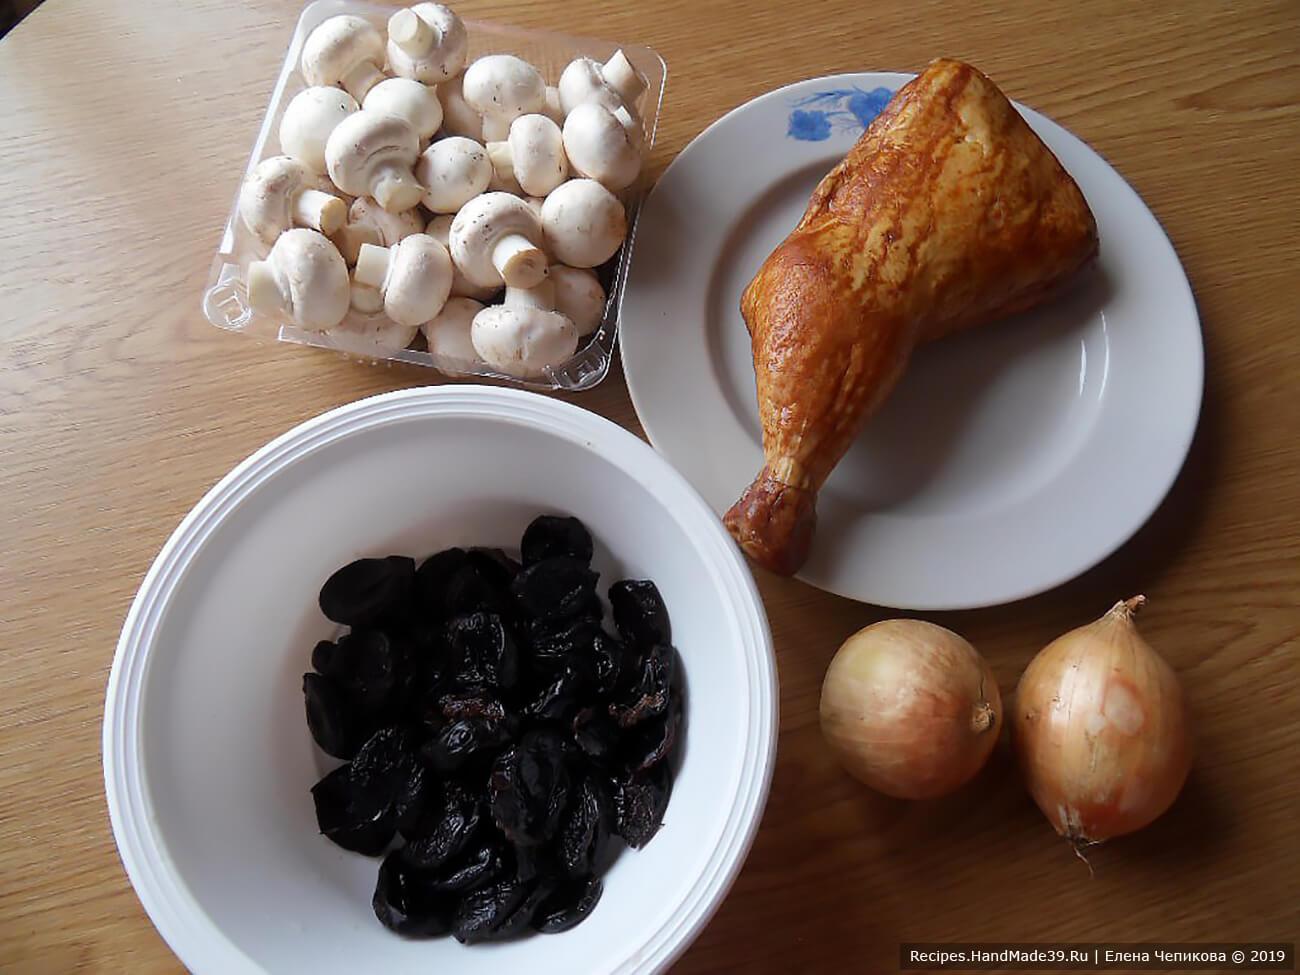 Подготовить основные ингредиенты для салата: копчёный окорочок, грибы, чернослив